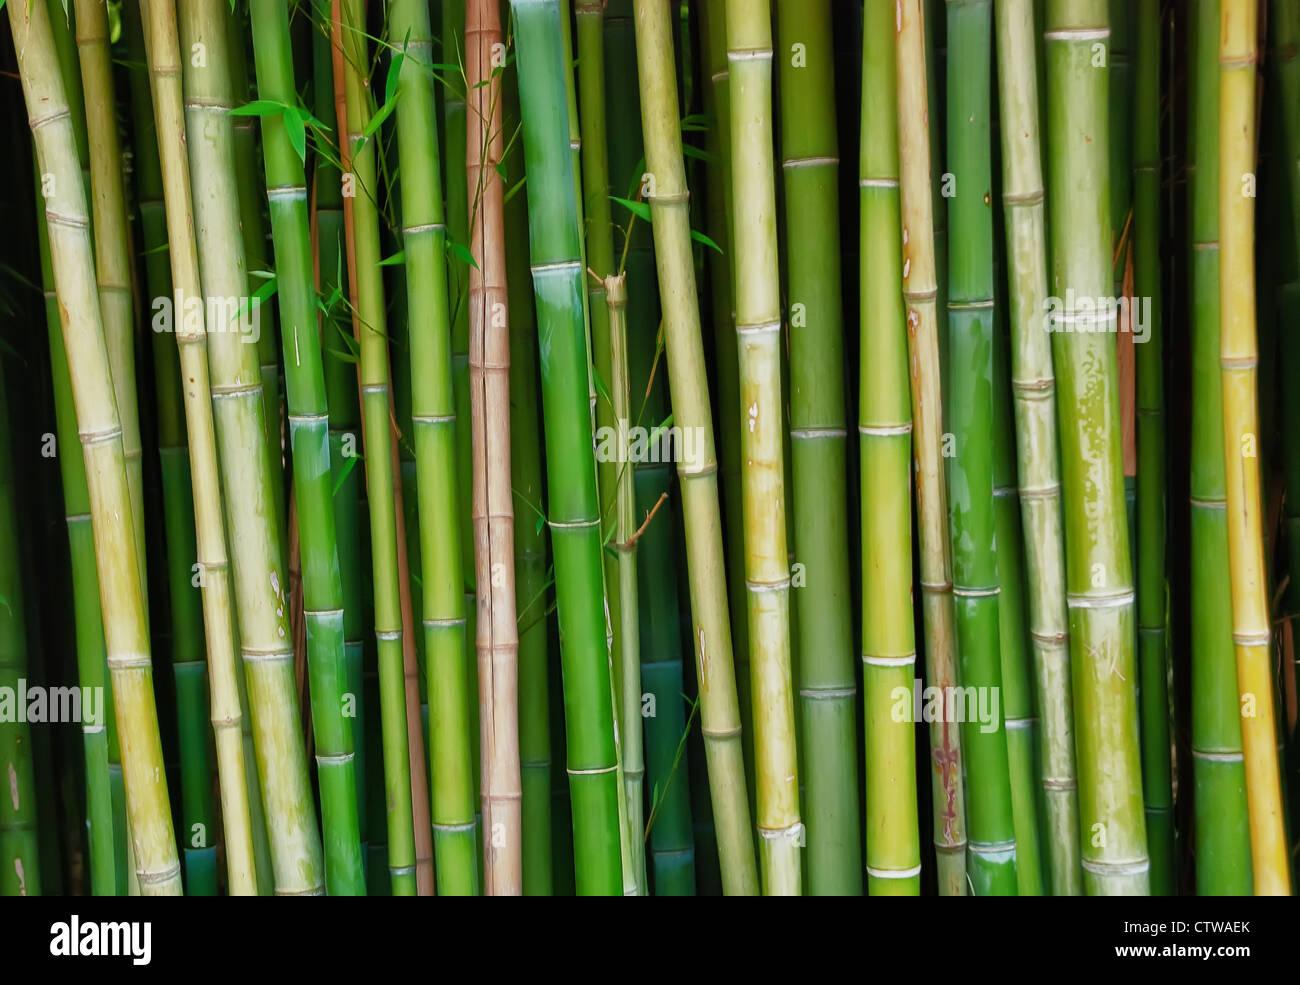 Grüner Bambus Baumstämme zu leben Stockbild